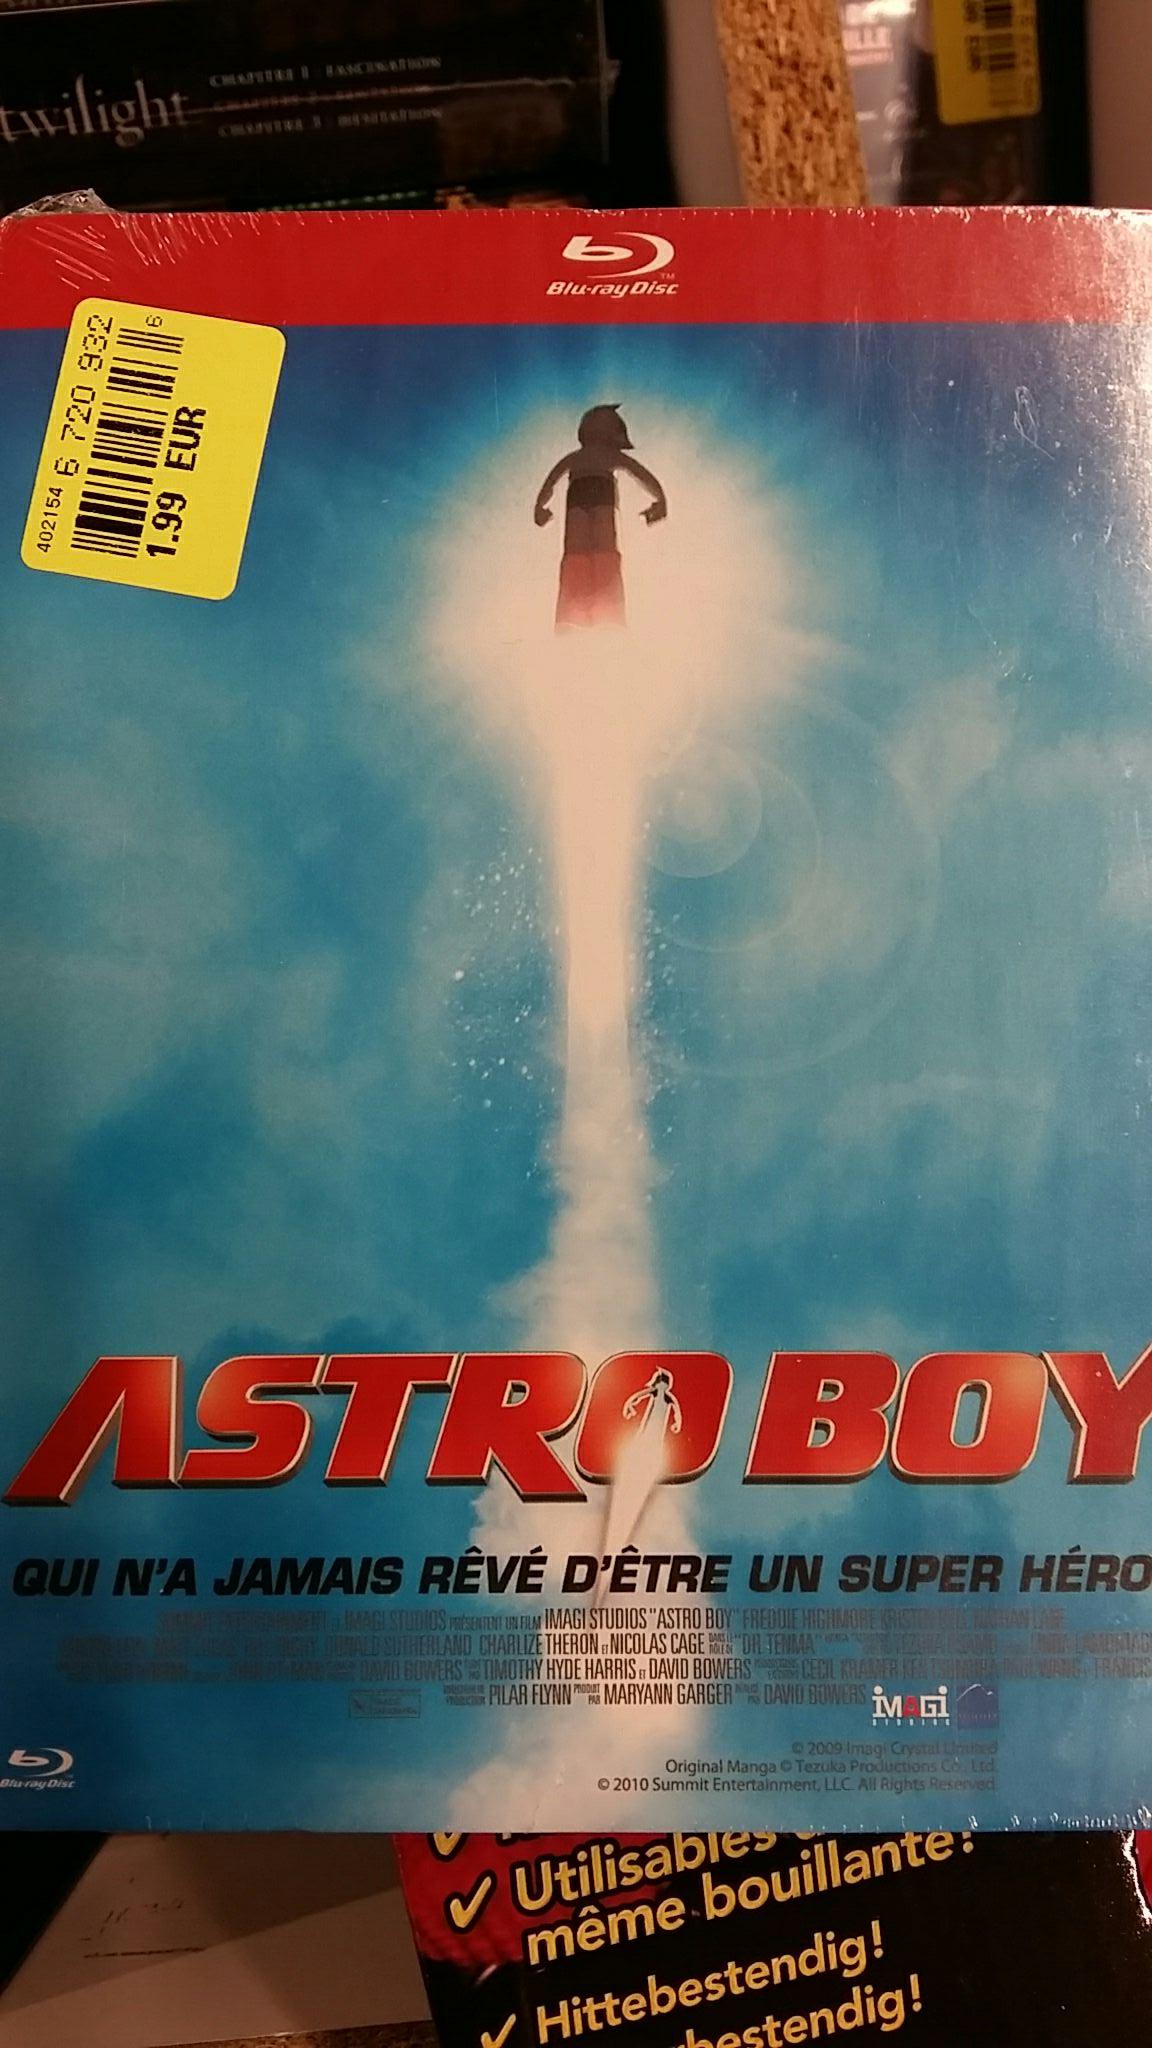 Blu-ray Astroboy - Noz Cognac (16)